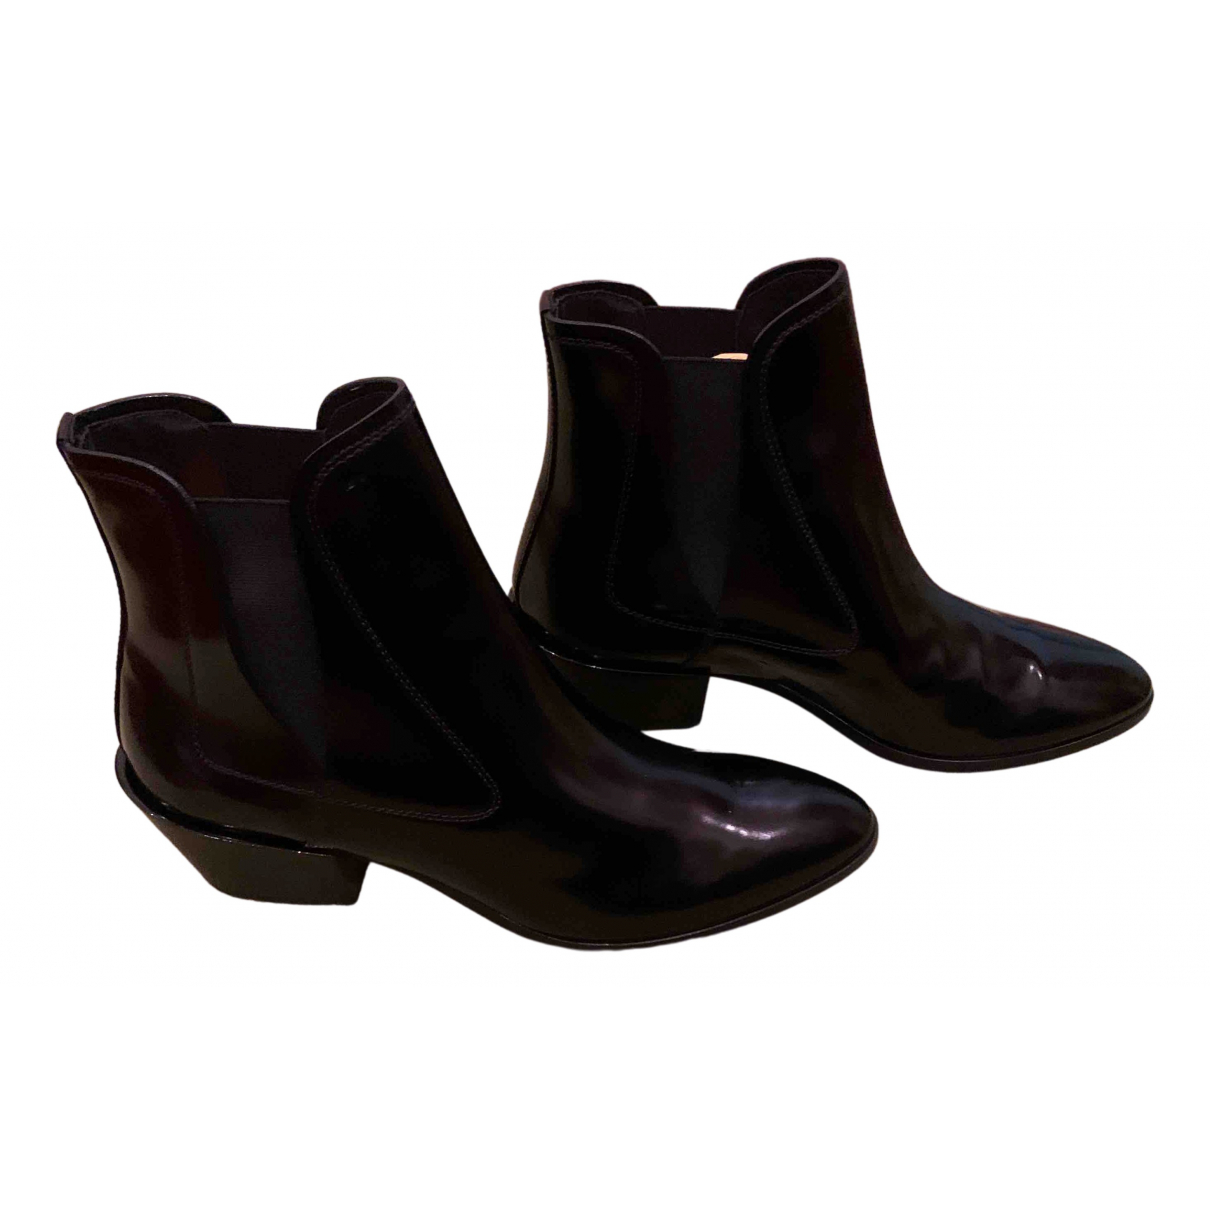 Tods - Boots   pour femme en cuir - noir